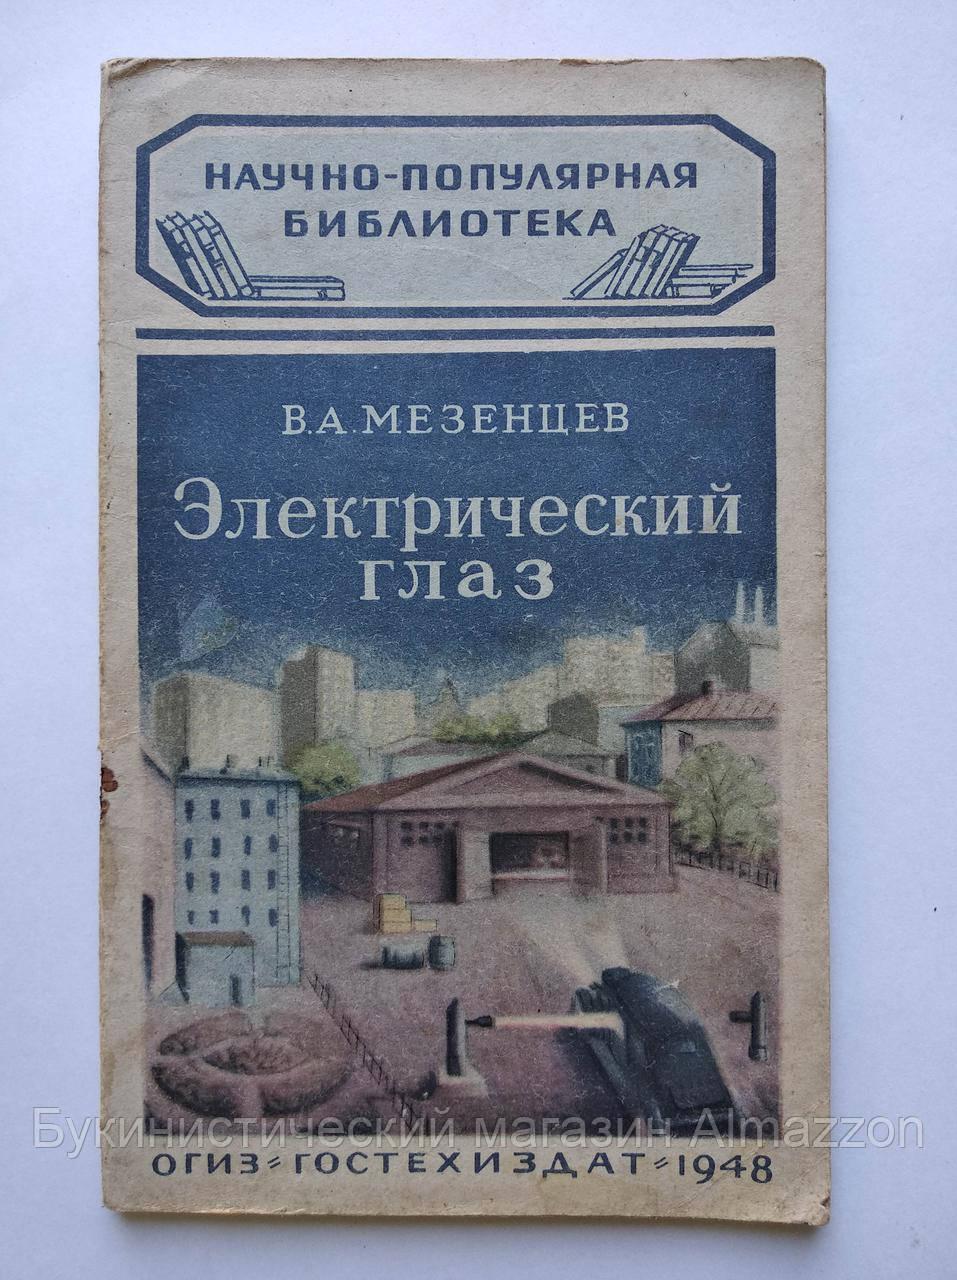 В.Мезенцев Электрический глаз. 1948 год. Серия Научно-популярная библиотека